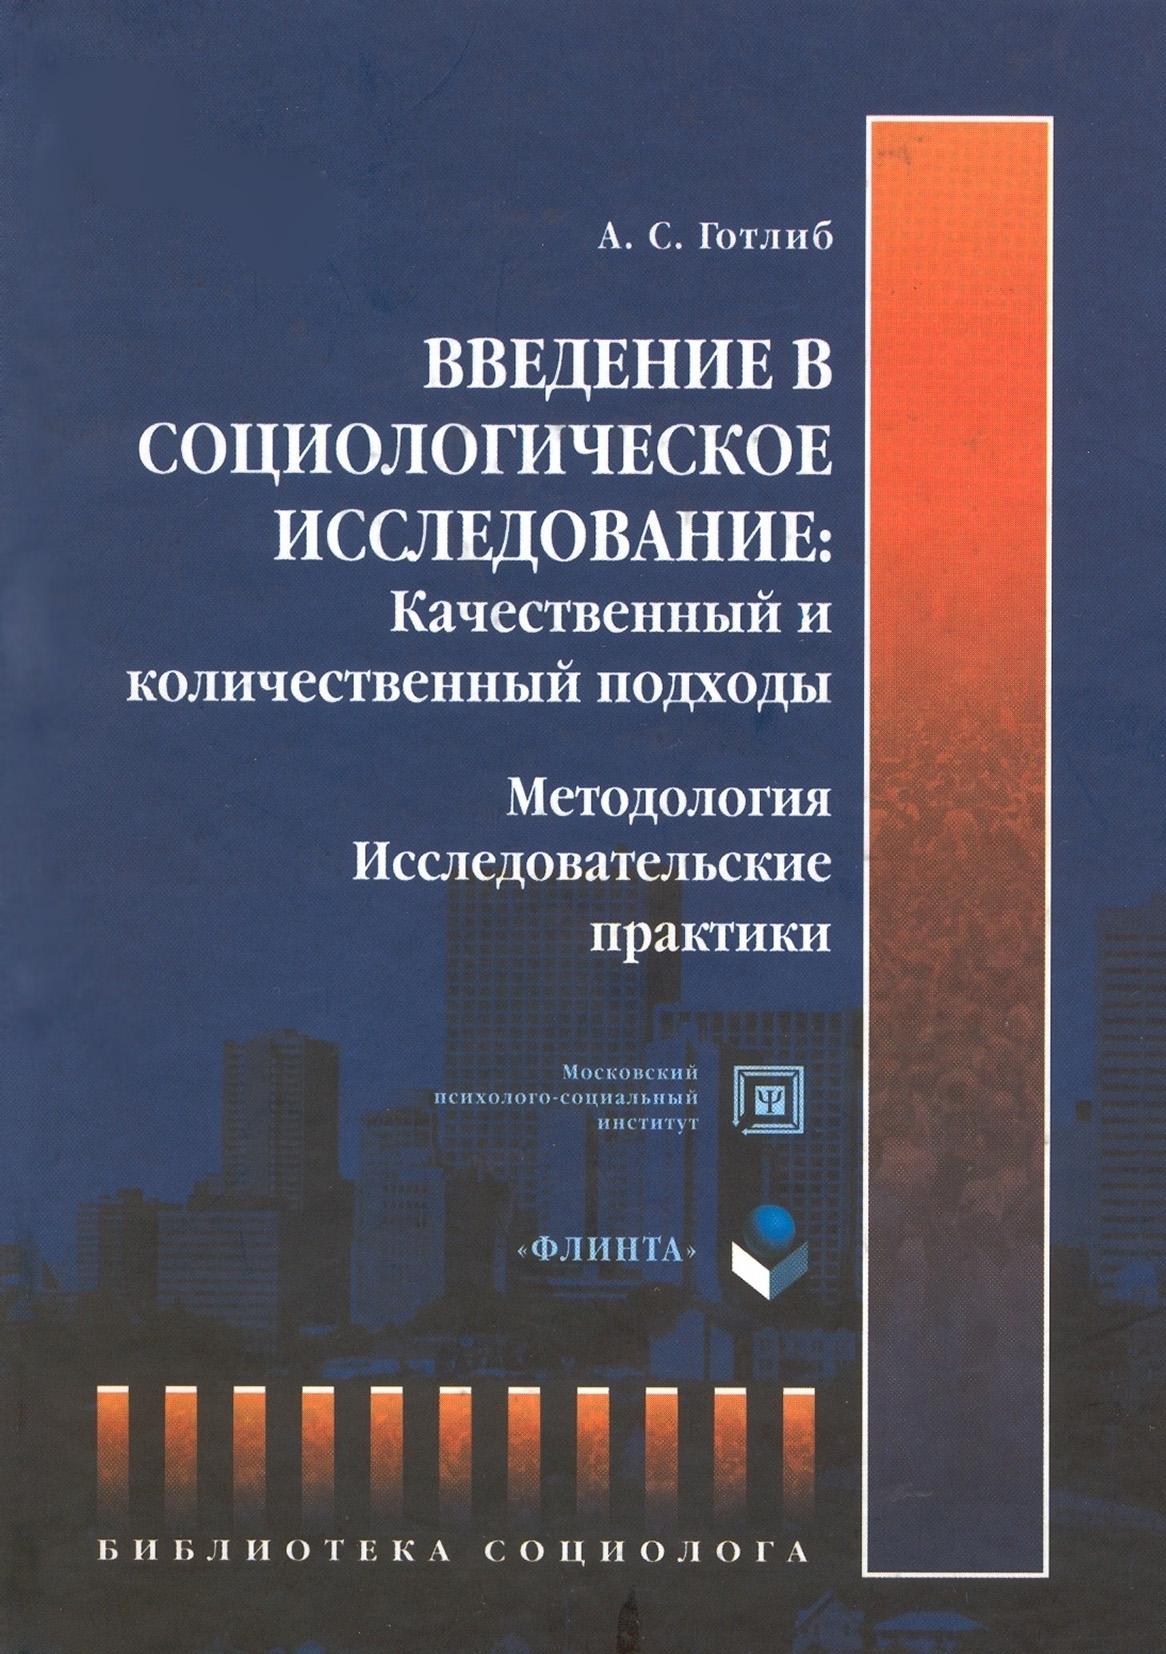 А. С. Готлиб Введение в социологическое исследование: Качественный и количественный подходы. Методология. Исследовательские практики